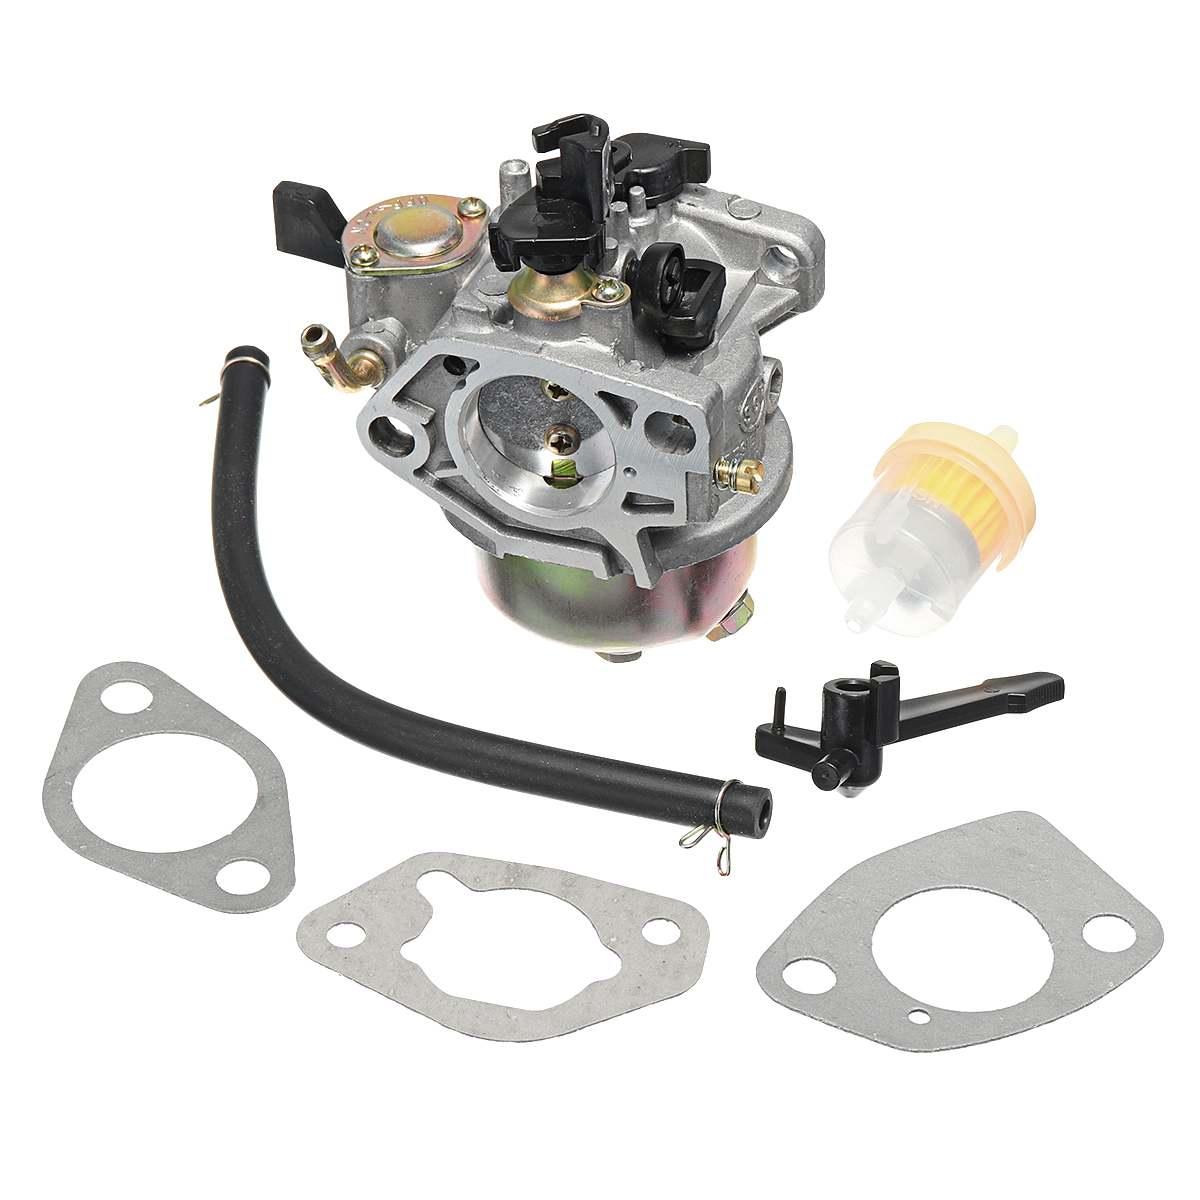 Карбюратор уплотнитель карбюратора топливный фильтр переключатель комплект для Honda GX390 13H P двигатели заменяет 16100-ZF6-V01 двигатель двигателя ...